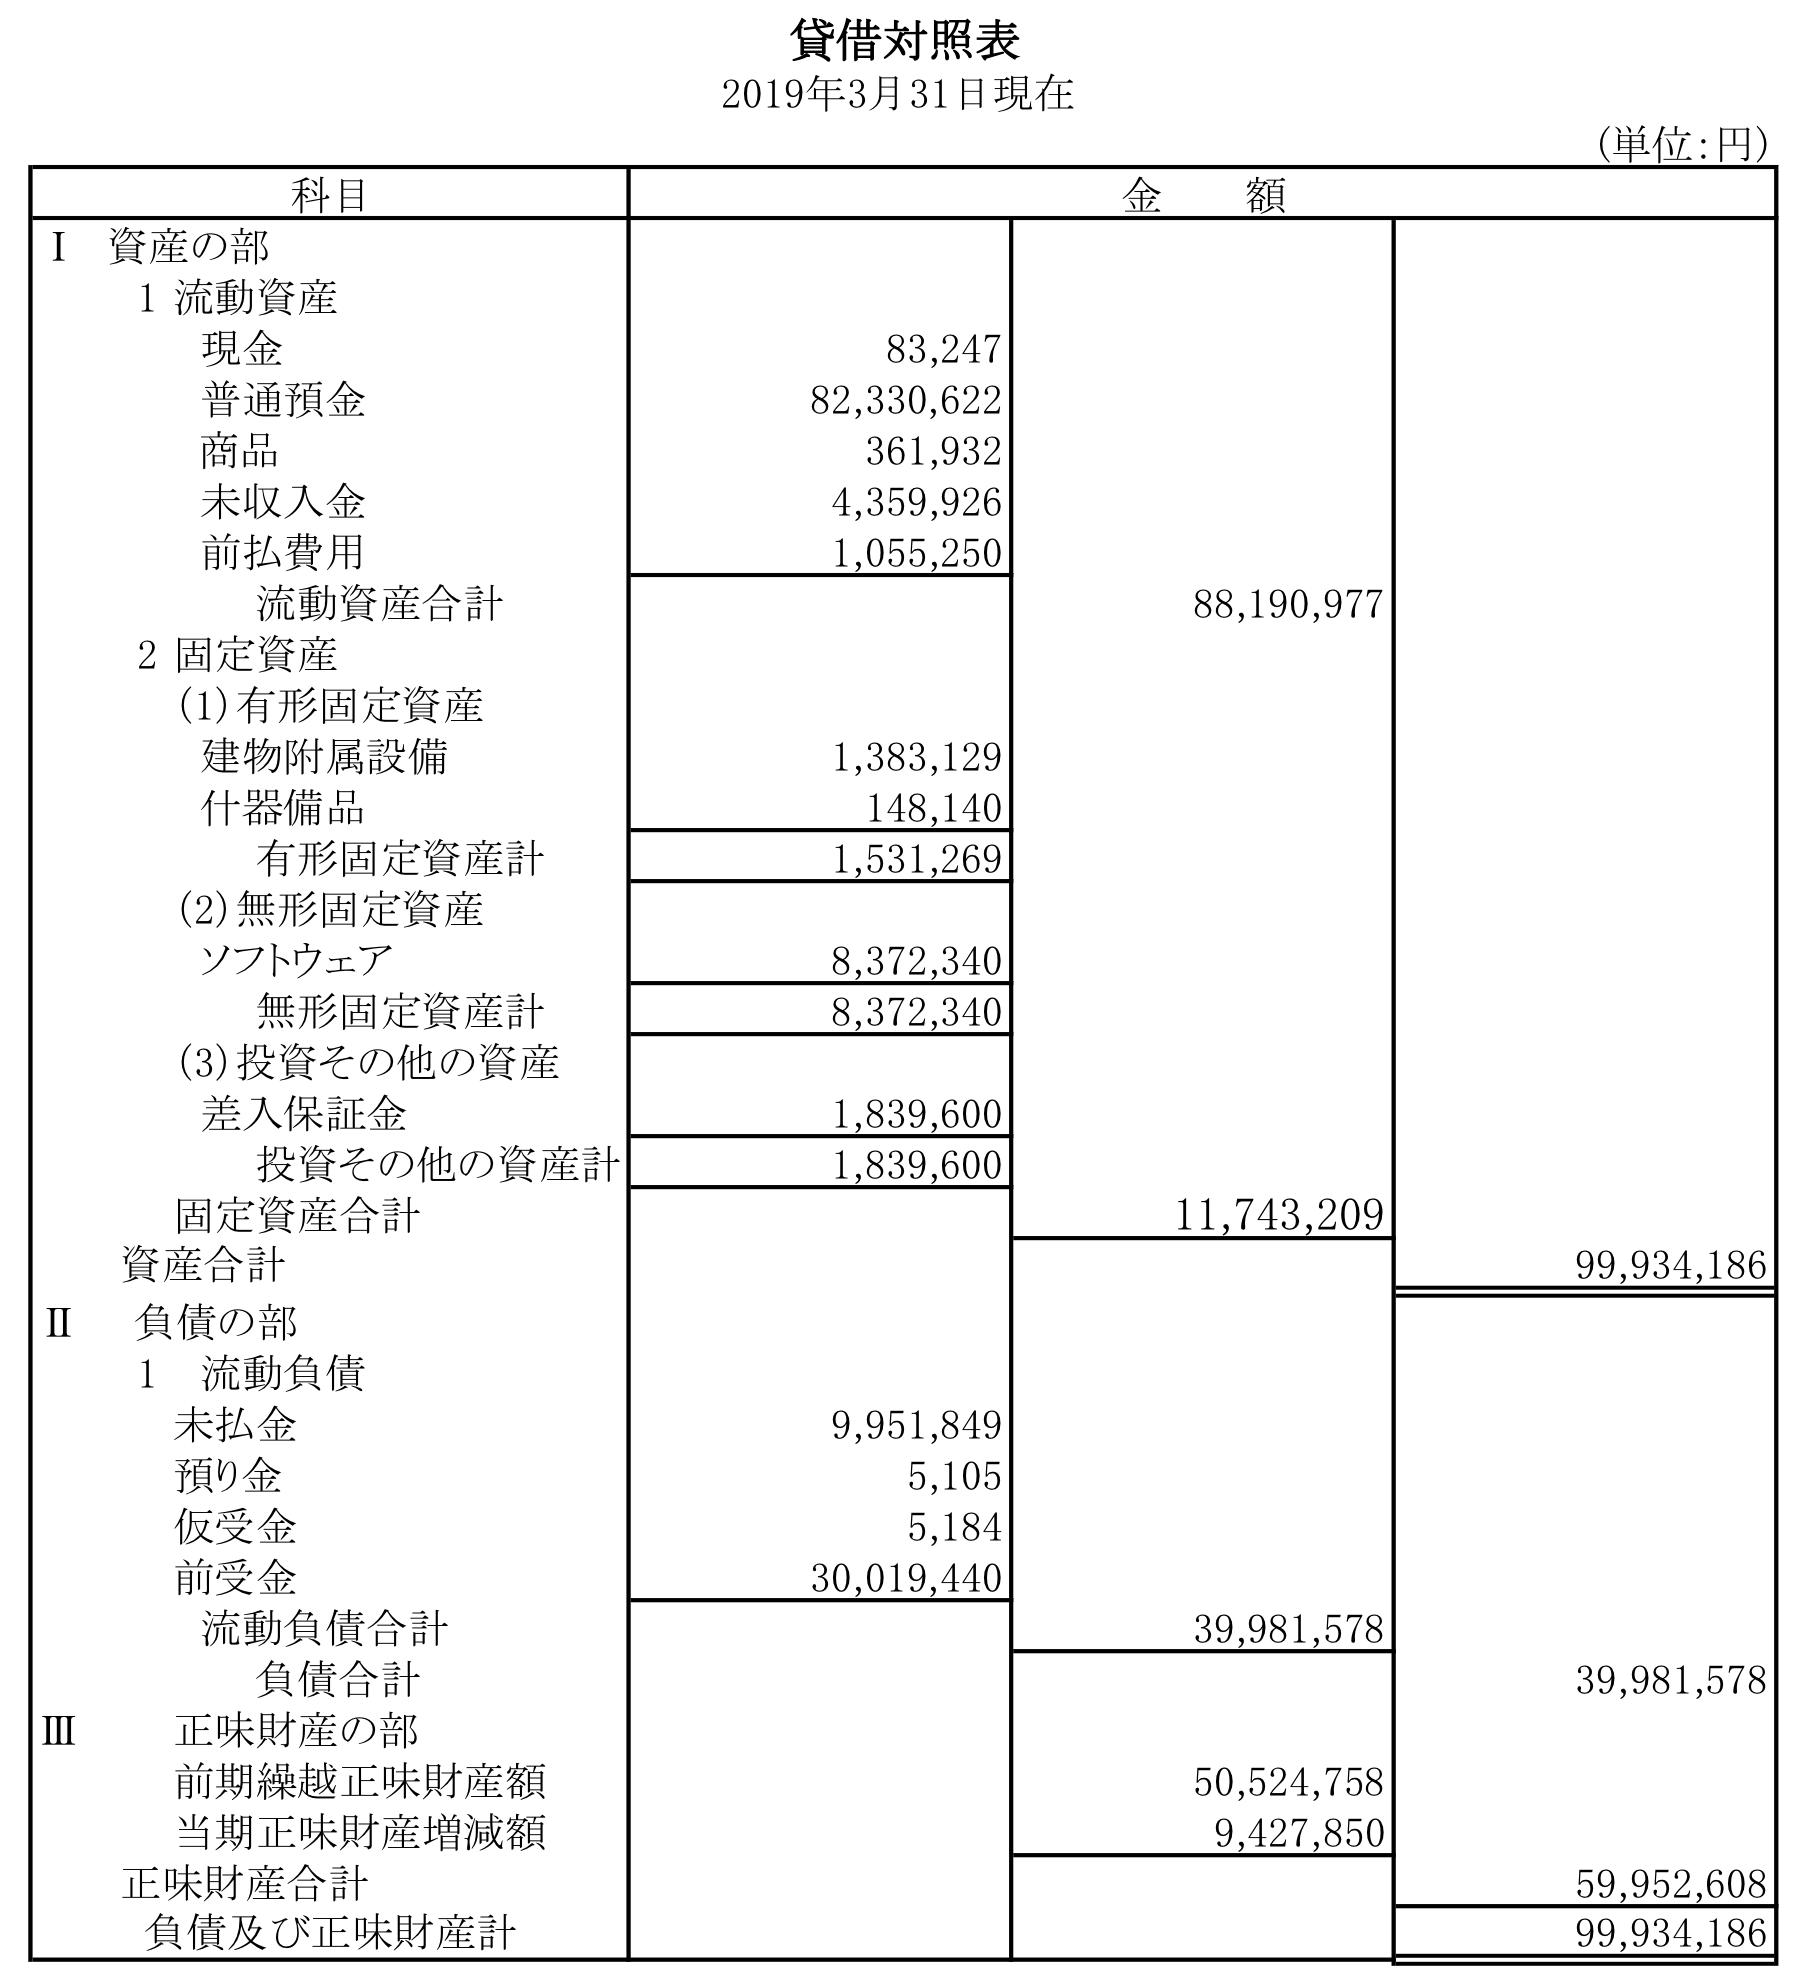 2018年度貸借対照表